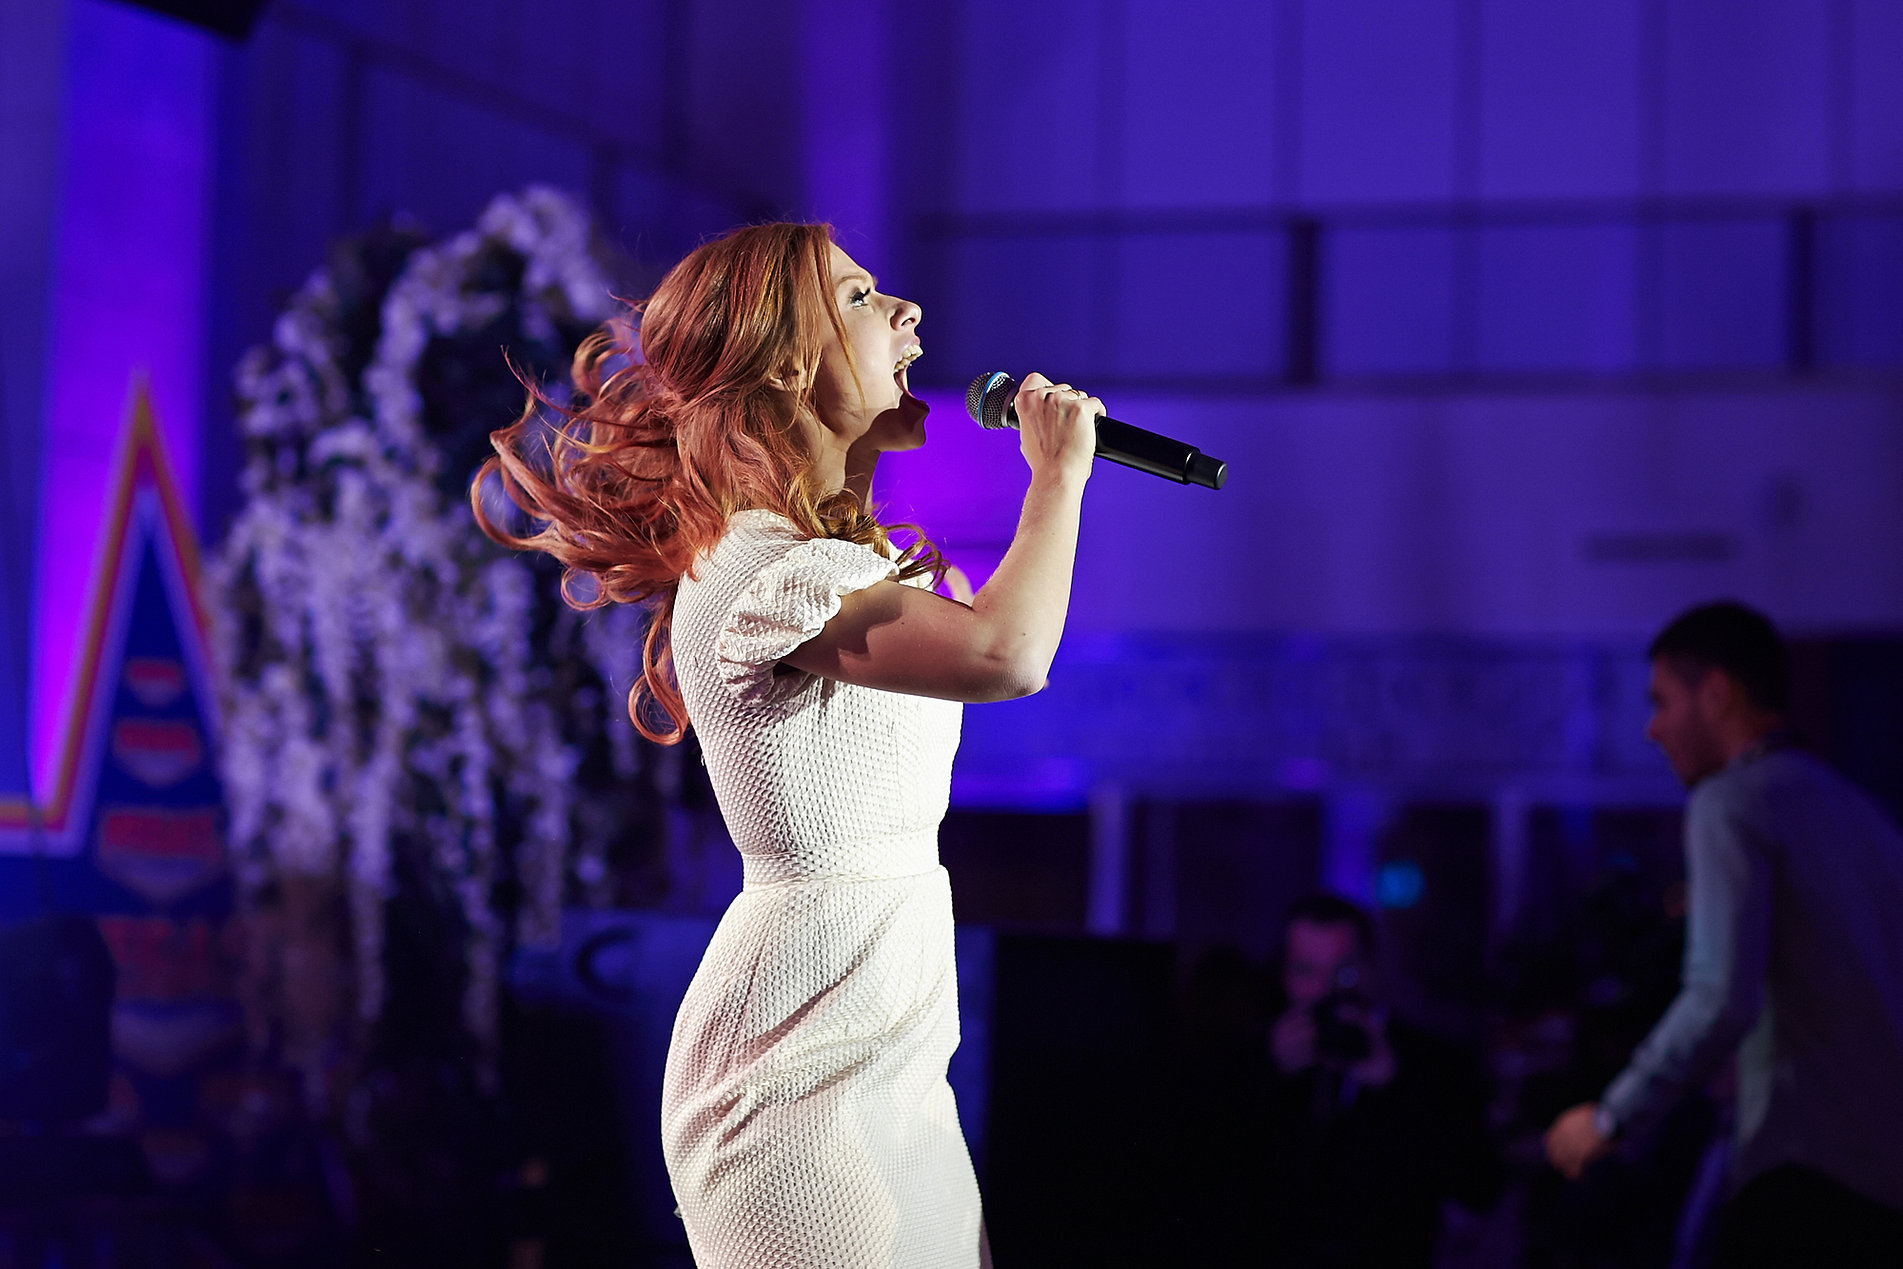 Юлия савичева невеста, Юлия Савичева Невеста - скачать бесплатно песню в mp3 22 фотография